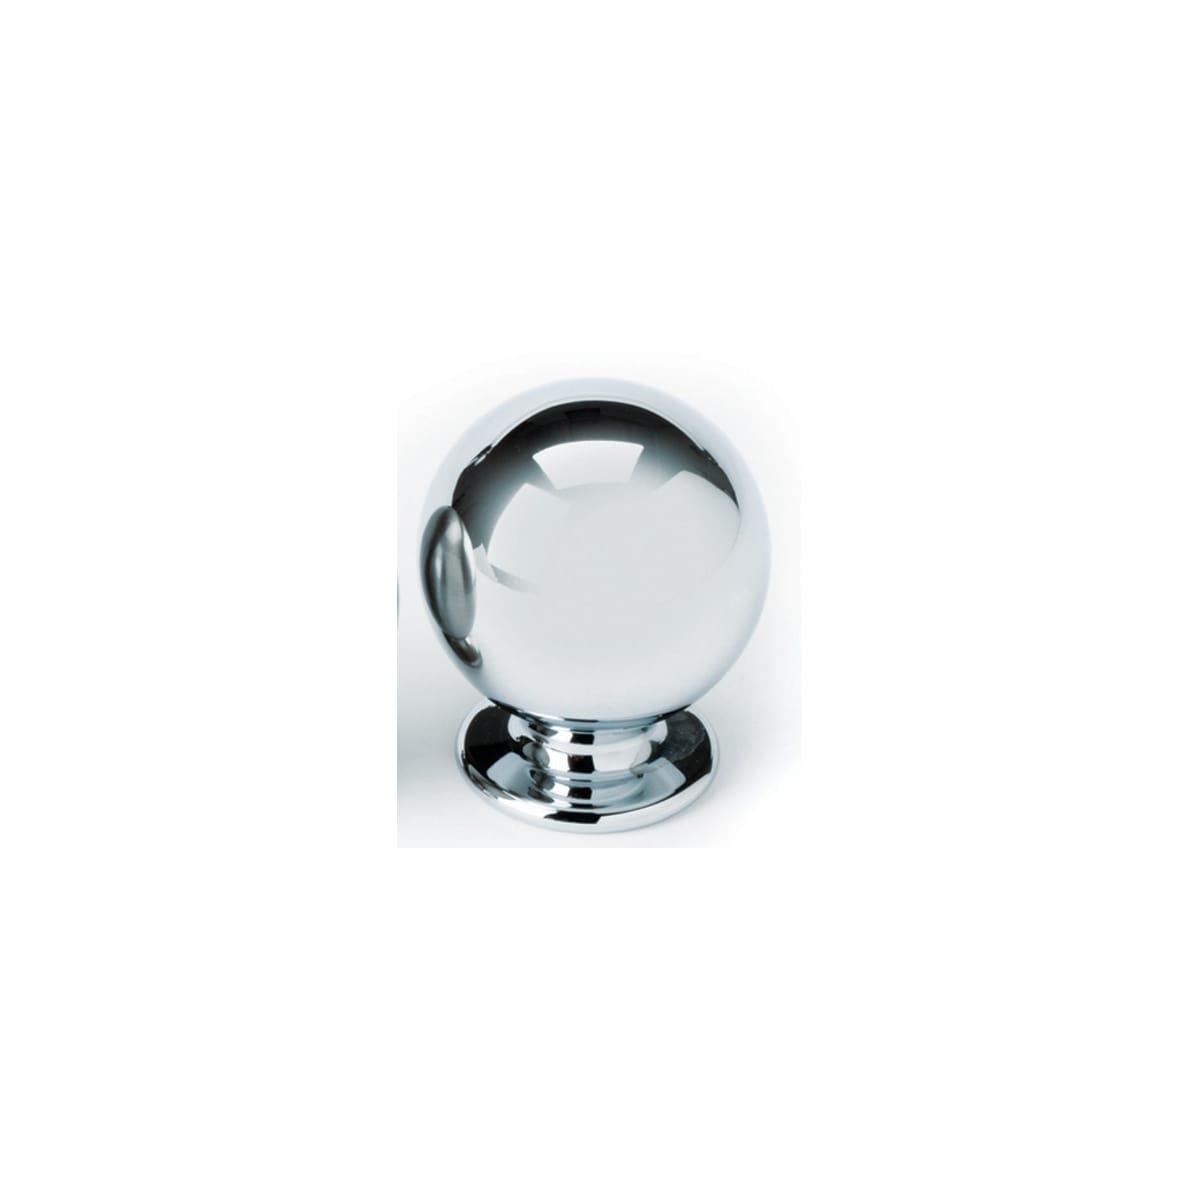 Alno Knobs 3/4 Inch Round Cabinet Knob